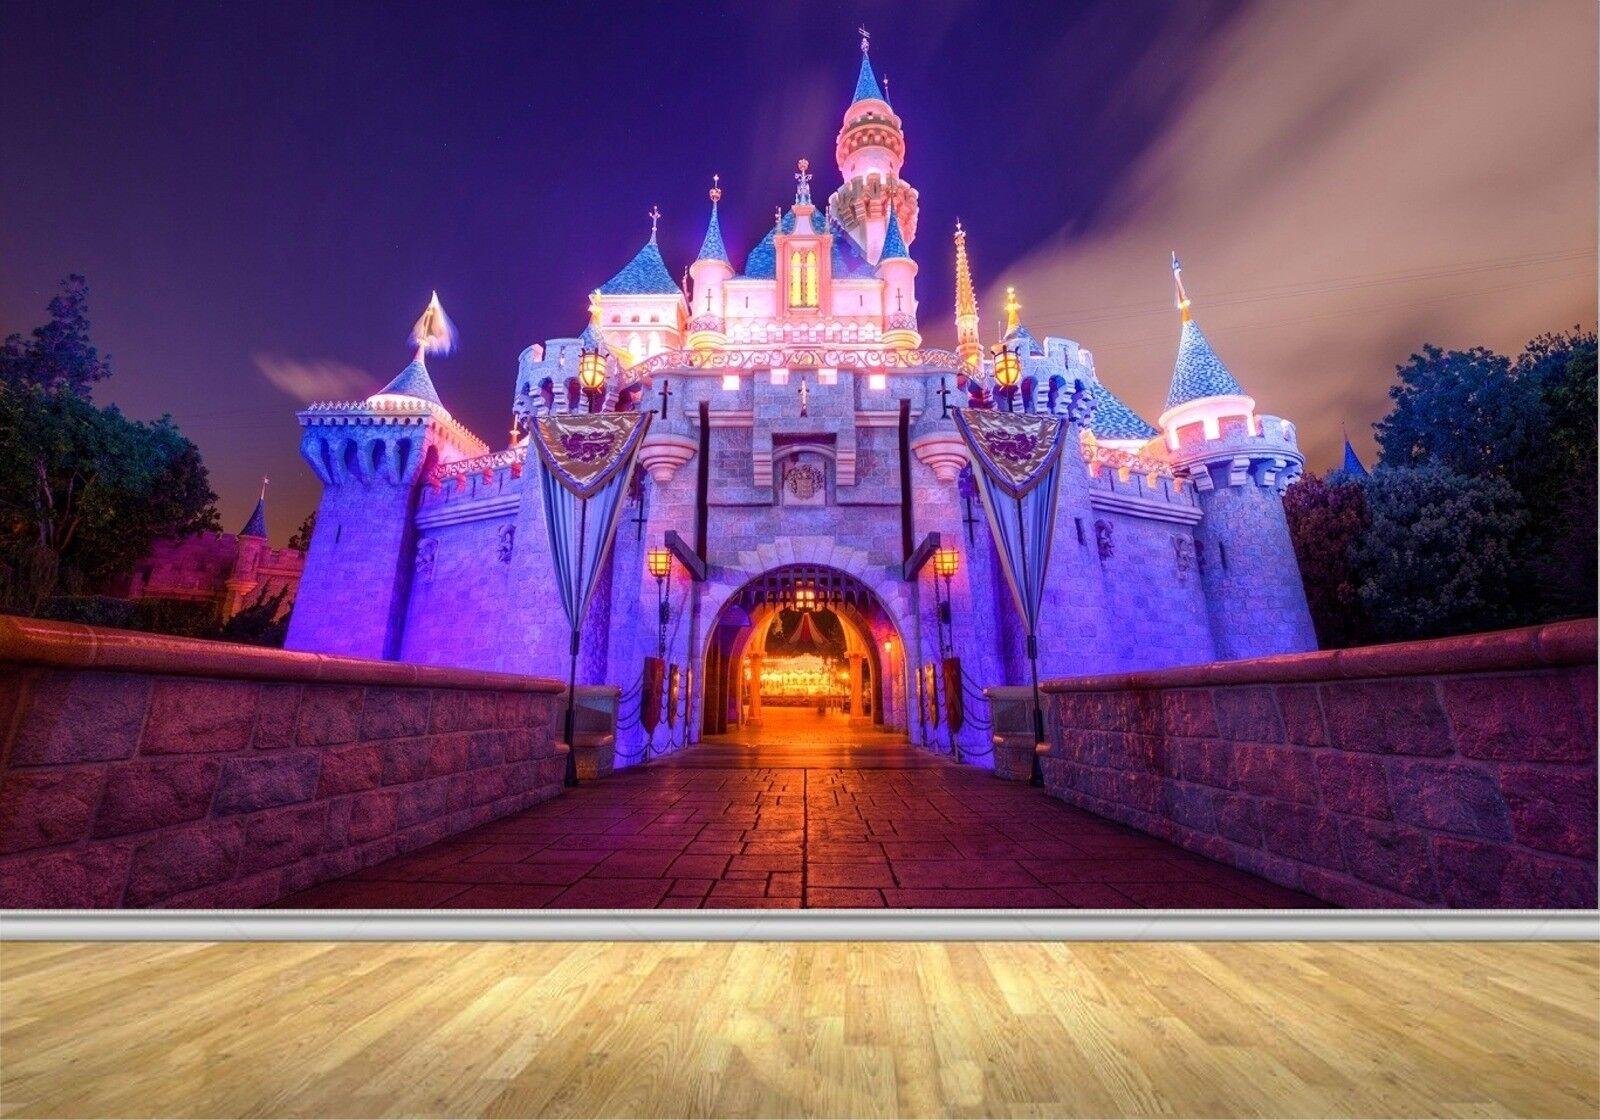 壁壁画デカール プリンセス ディズニー城壁ベッドルーム ビニル